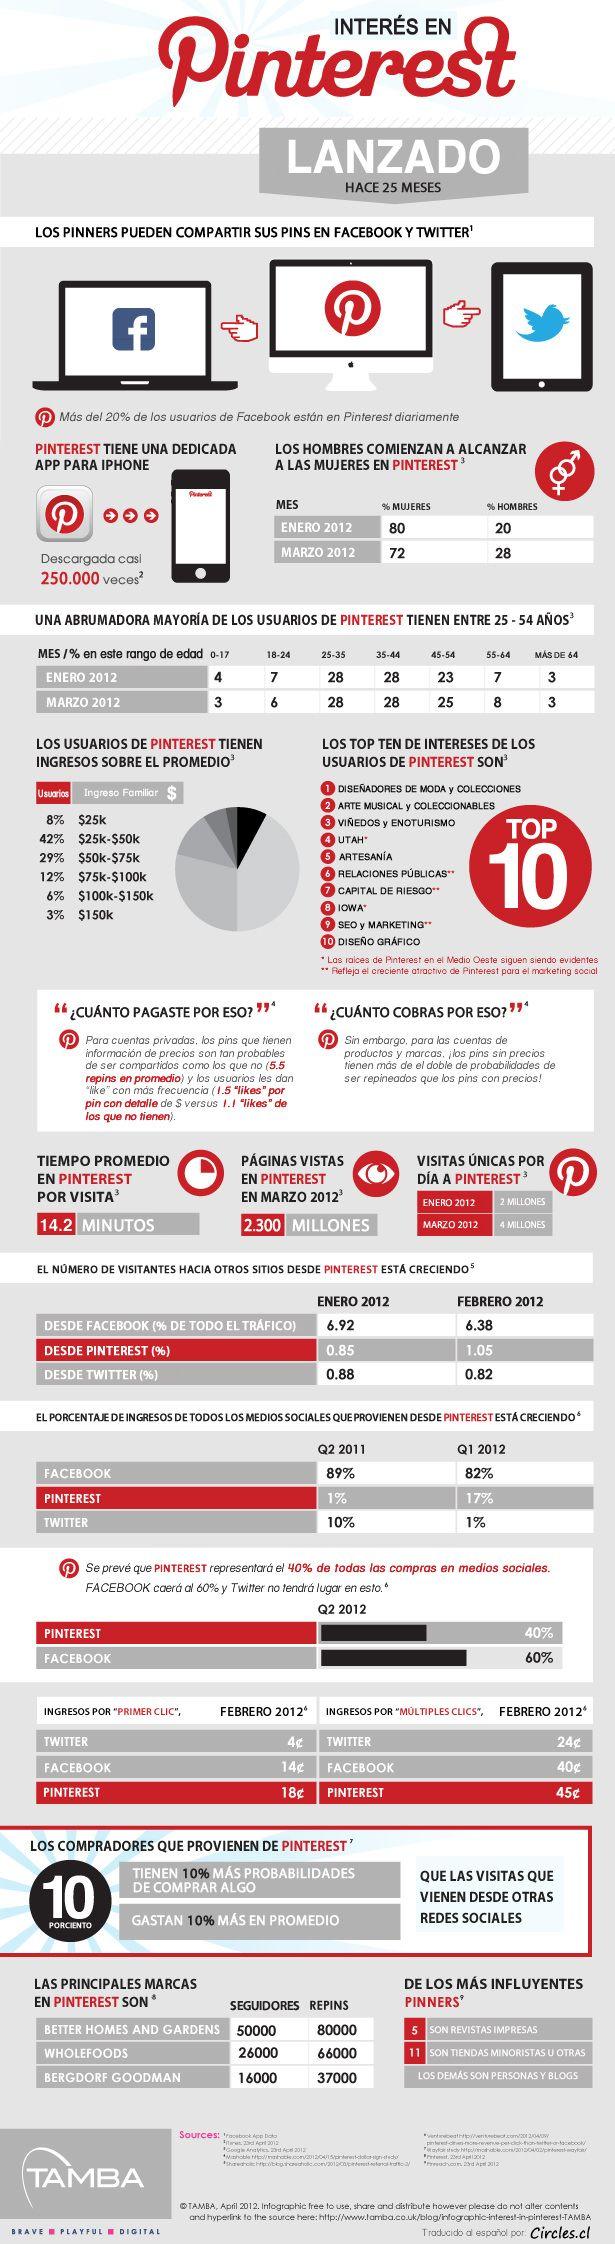 Interés en Pinterest - Infografía traducida al español - Circles.cl